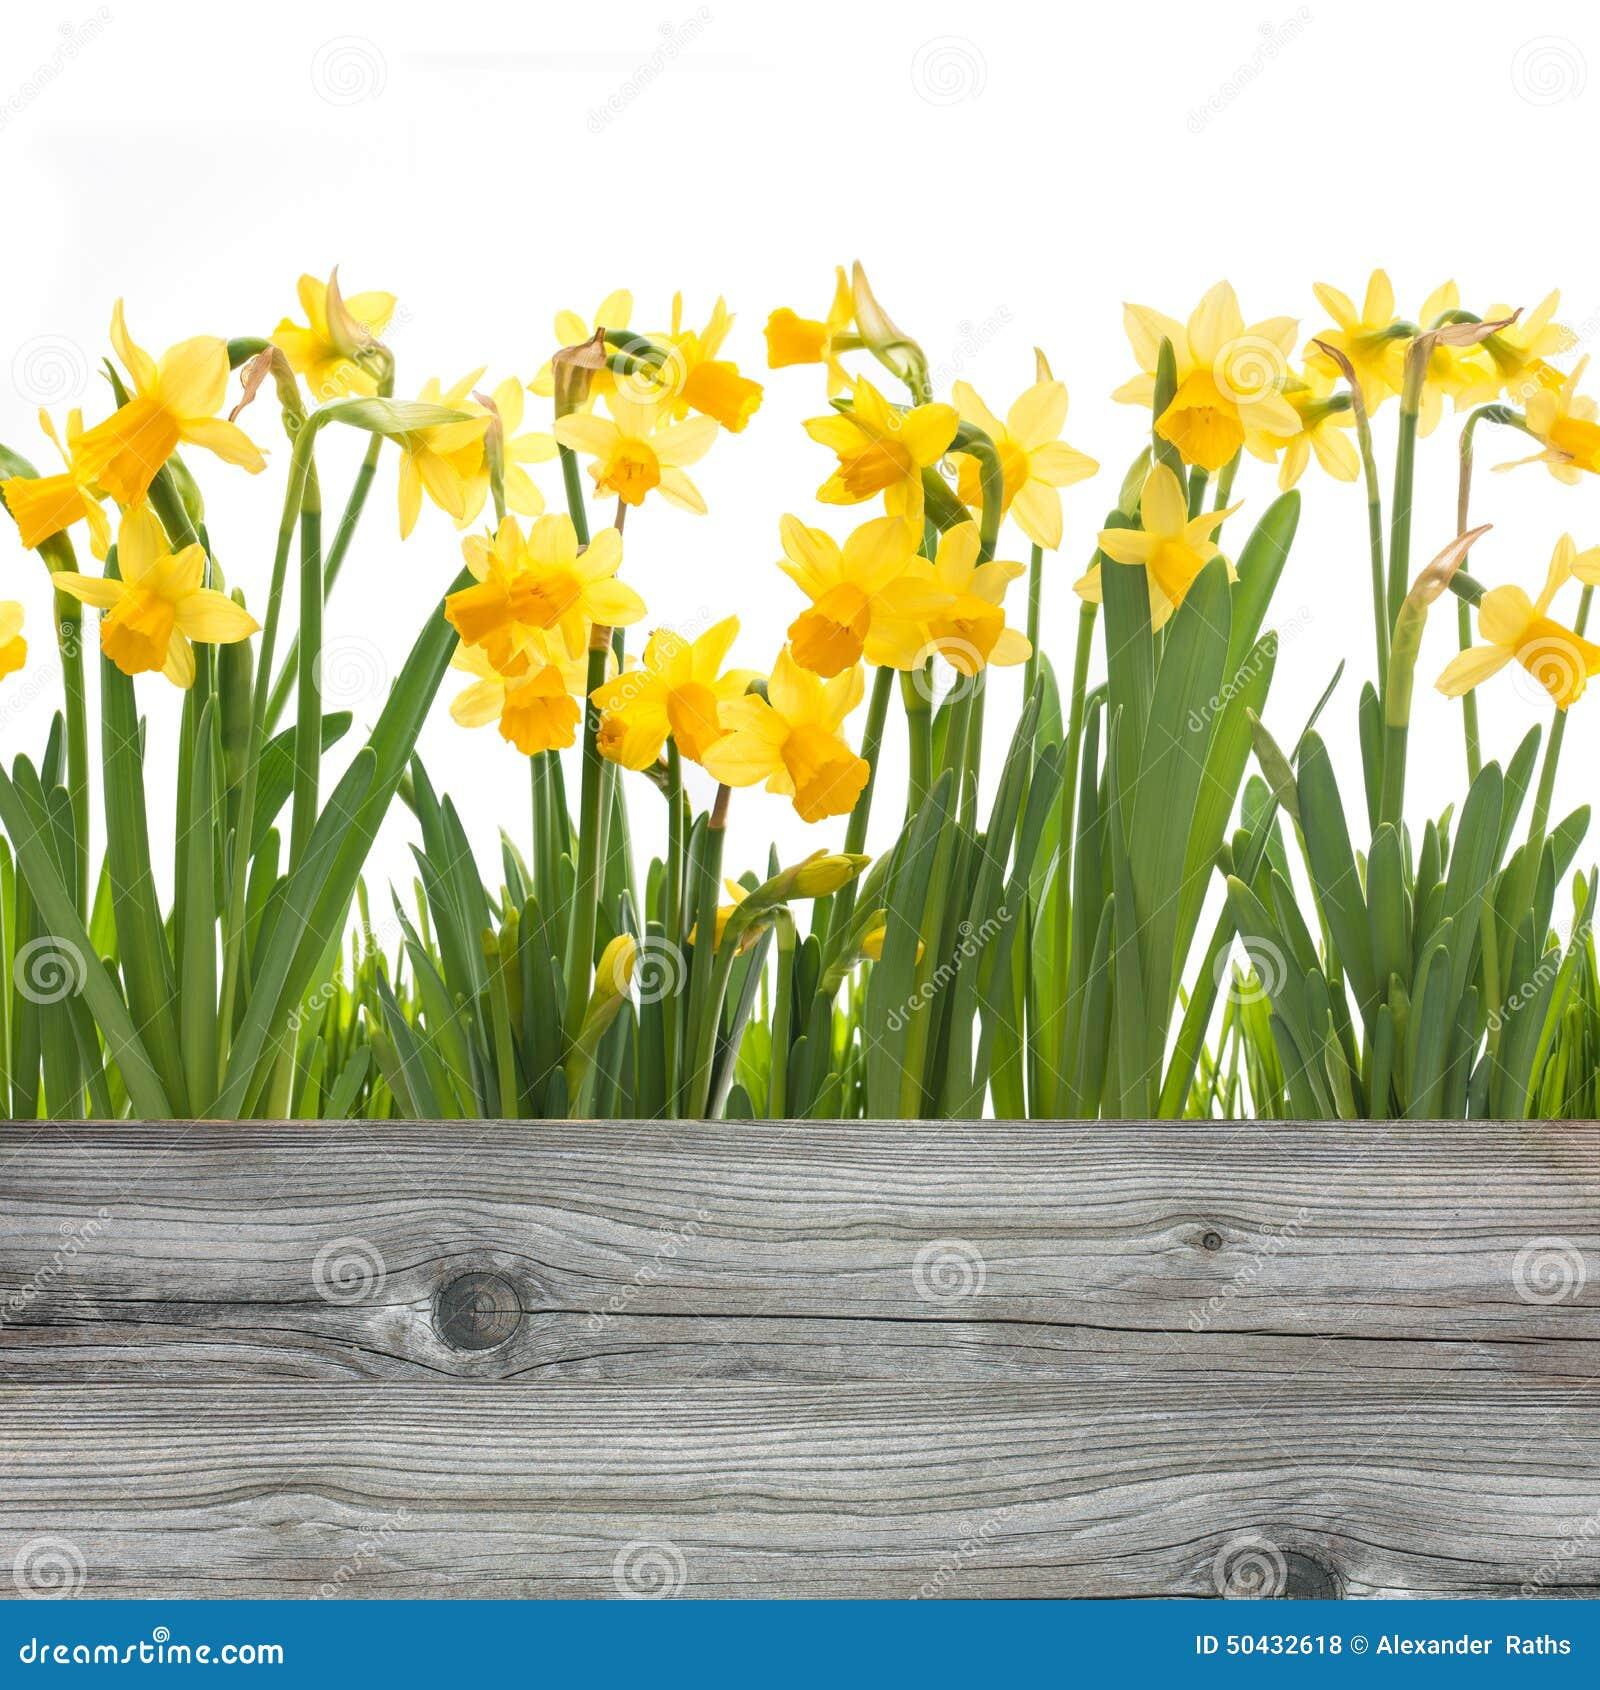 De bloemen van de lentegele narcissen